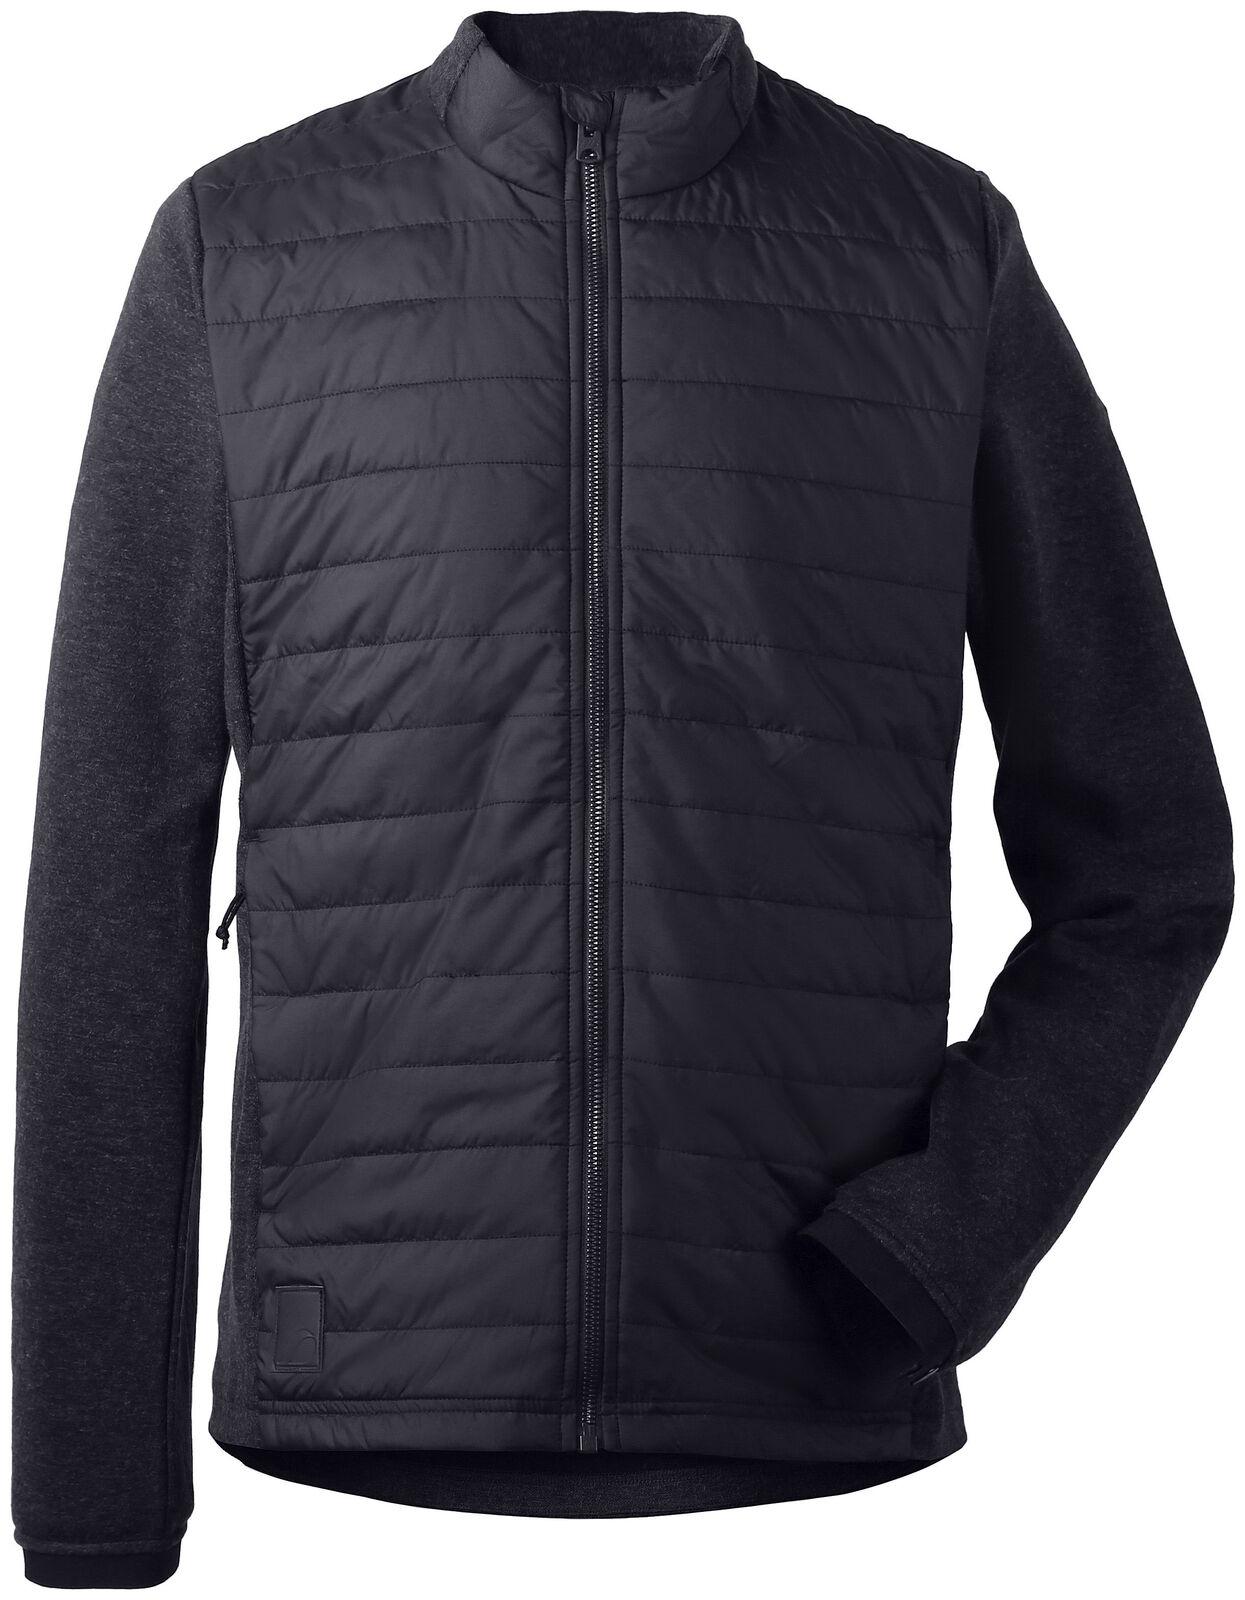 Didriksons Hybridjacke Jacke FREJ USX JKT 2       schwarz atmungsaktiv elastisch